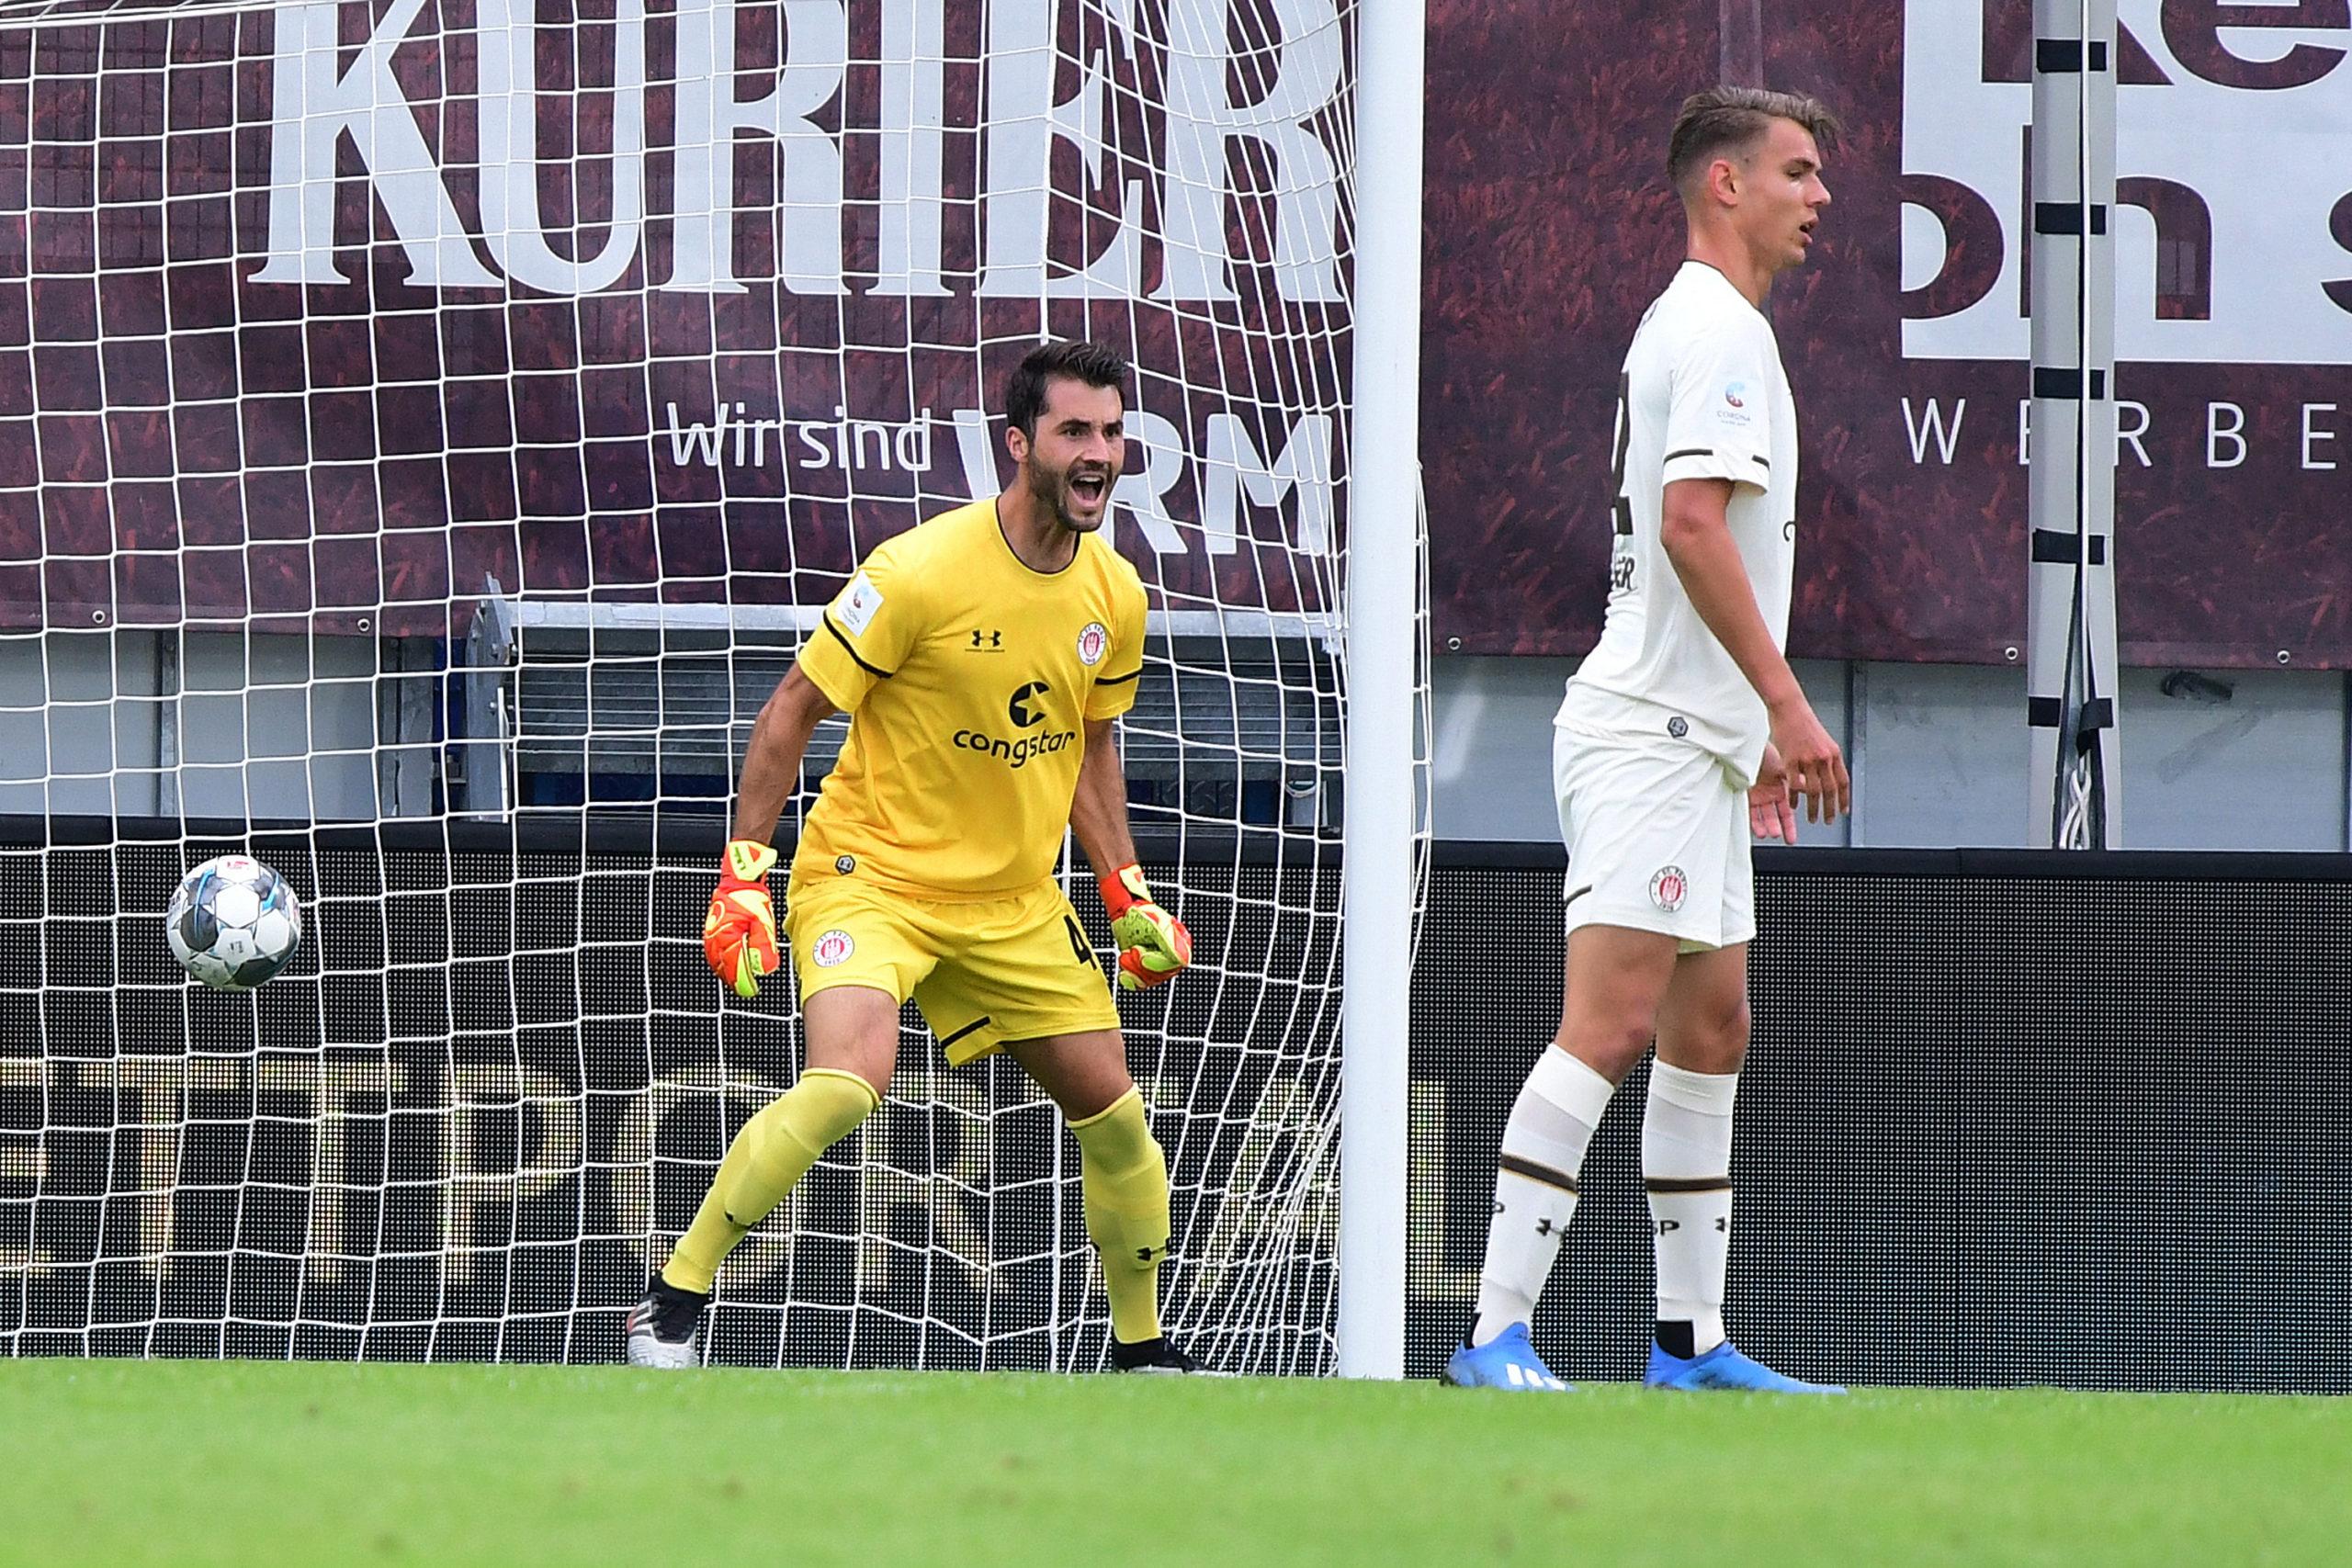 Nach dem Spiel – SV Wehen Wiesbaden (A) – Spieltag 34 – Saison 2019/20